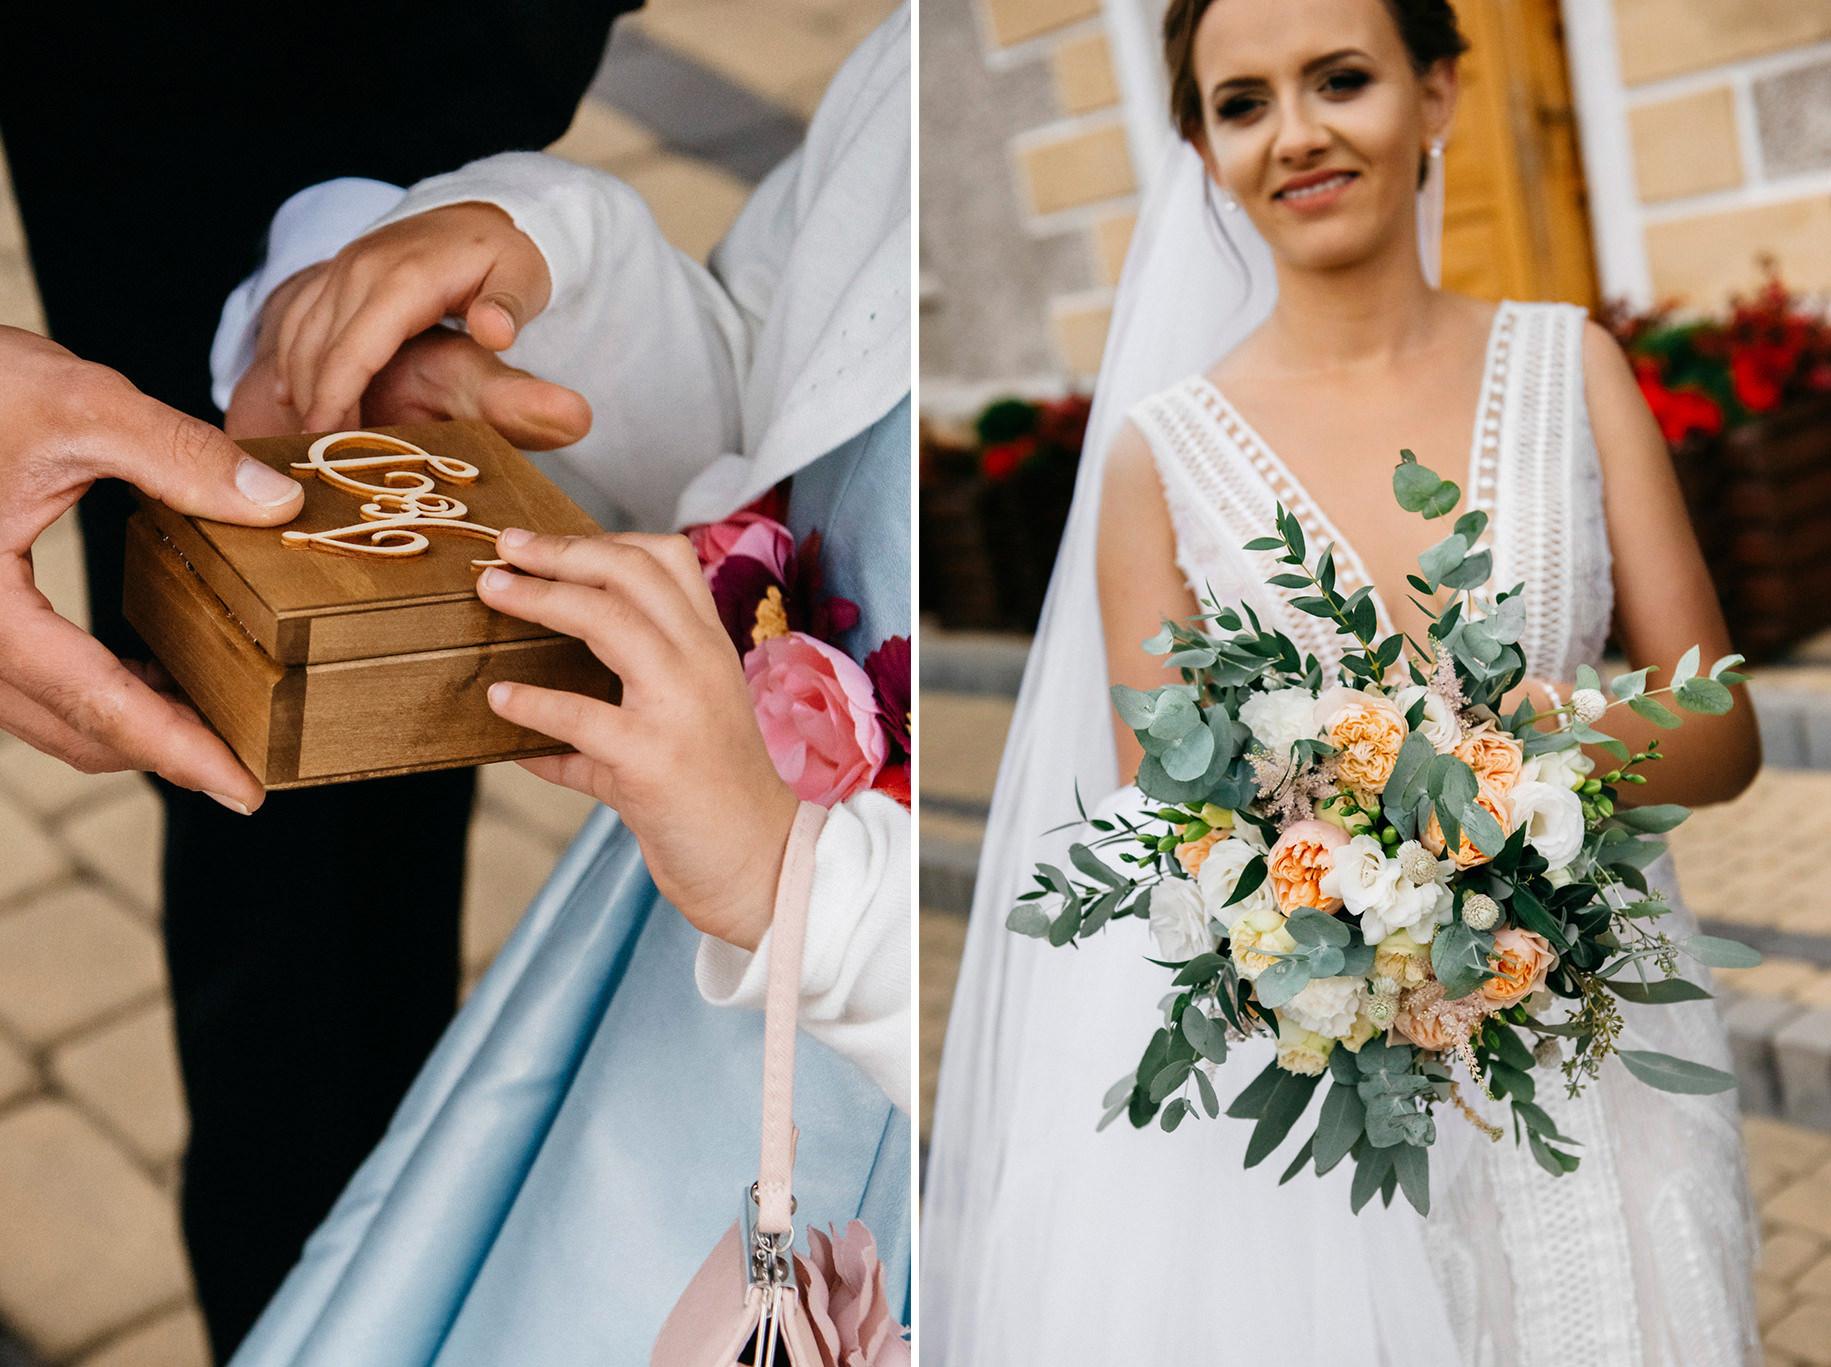 Iza i Dawid | Stylowy ślub z niesamowitą energią 33